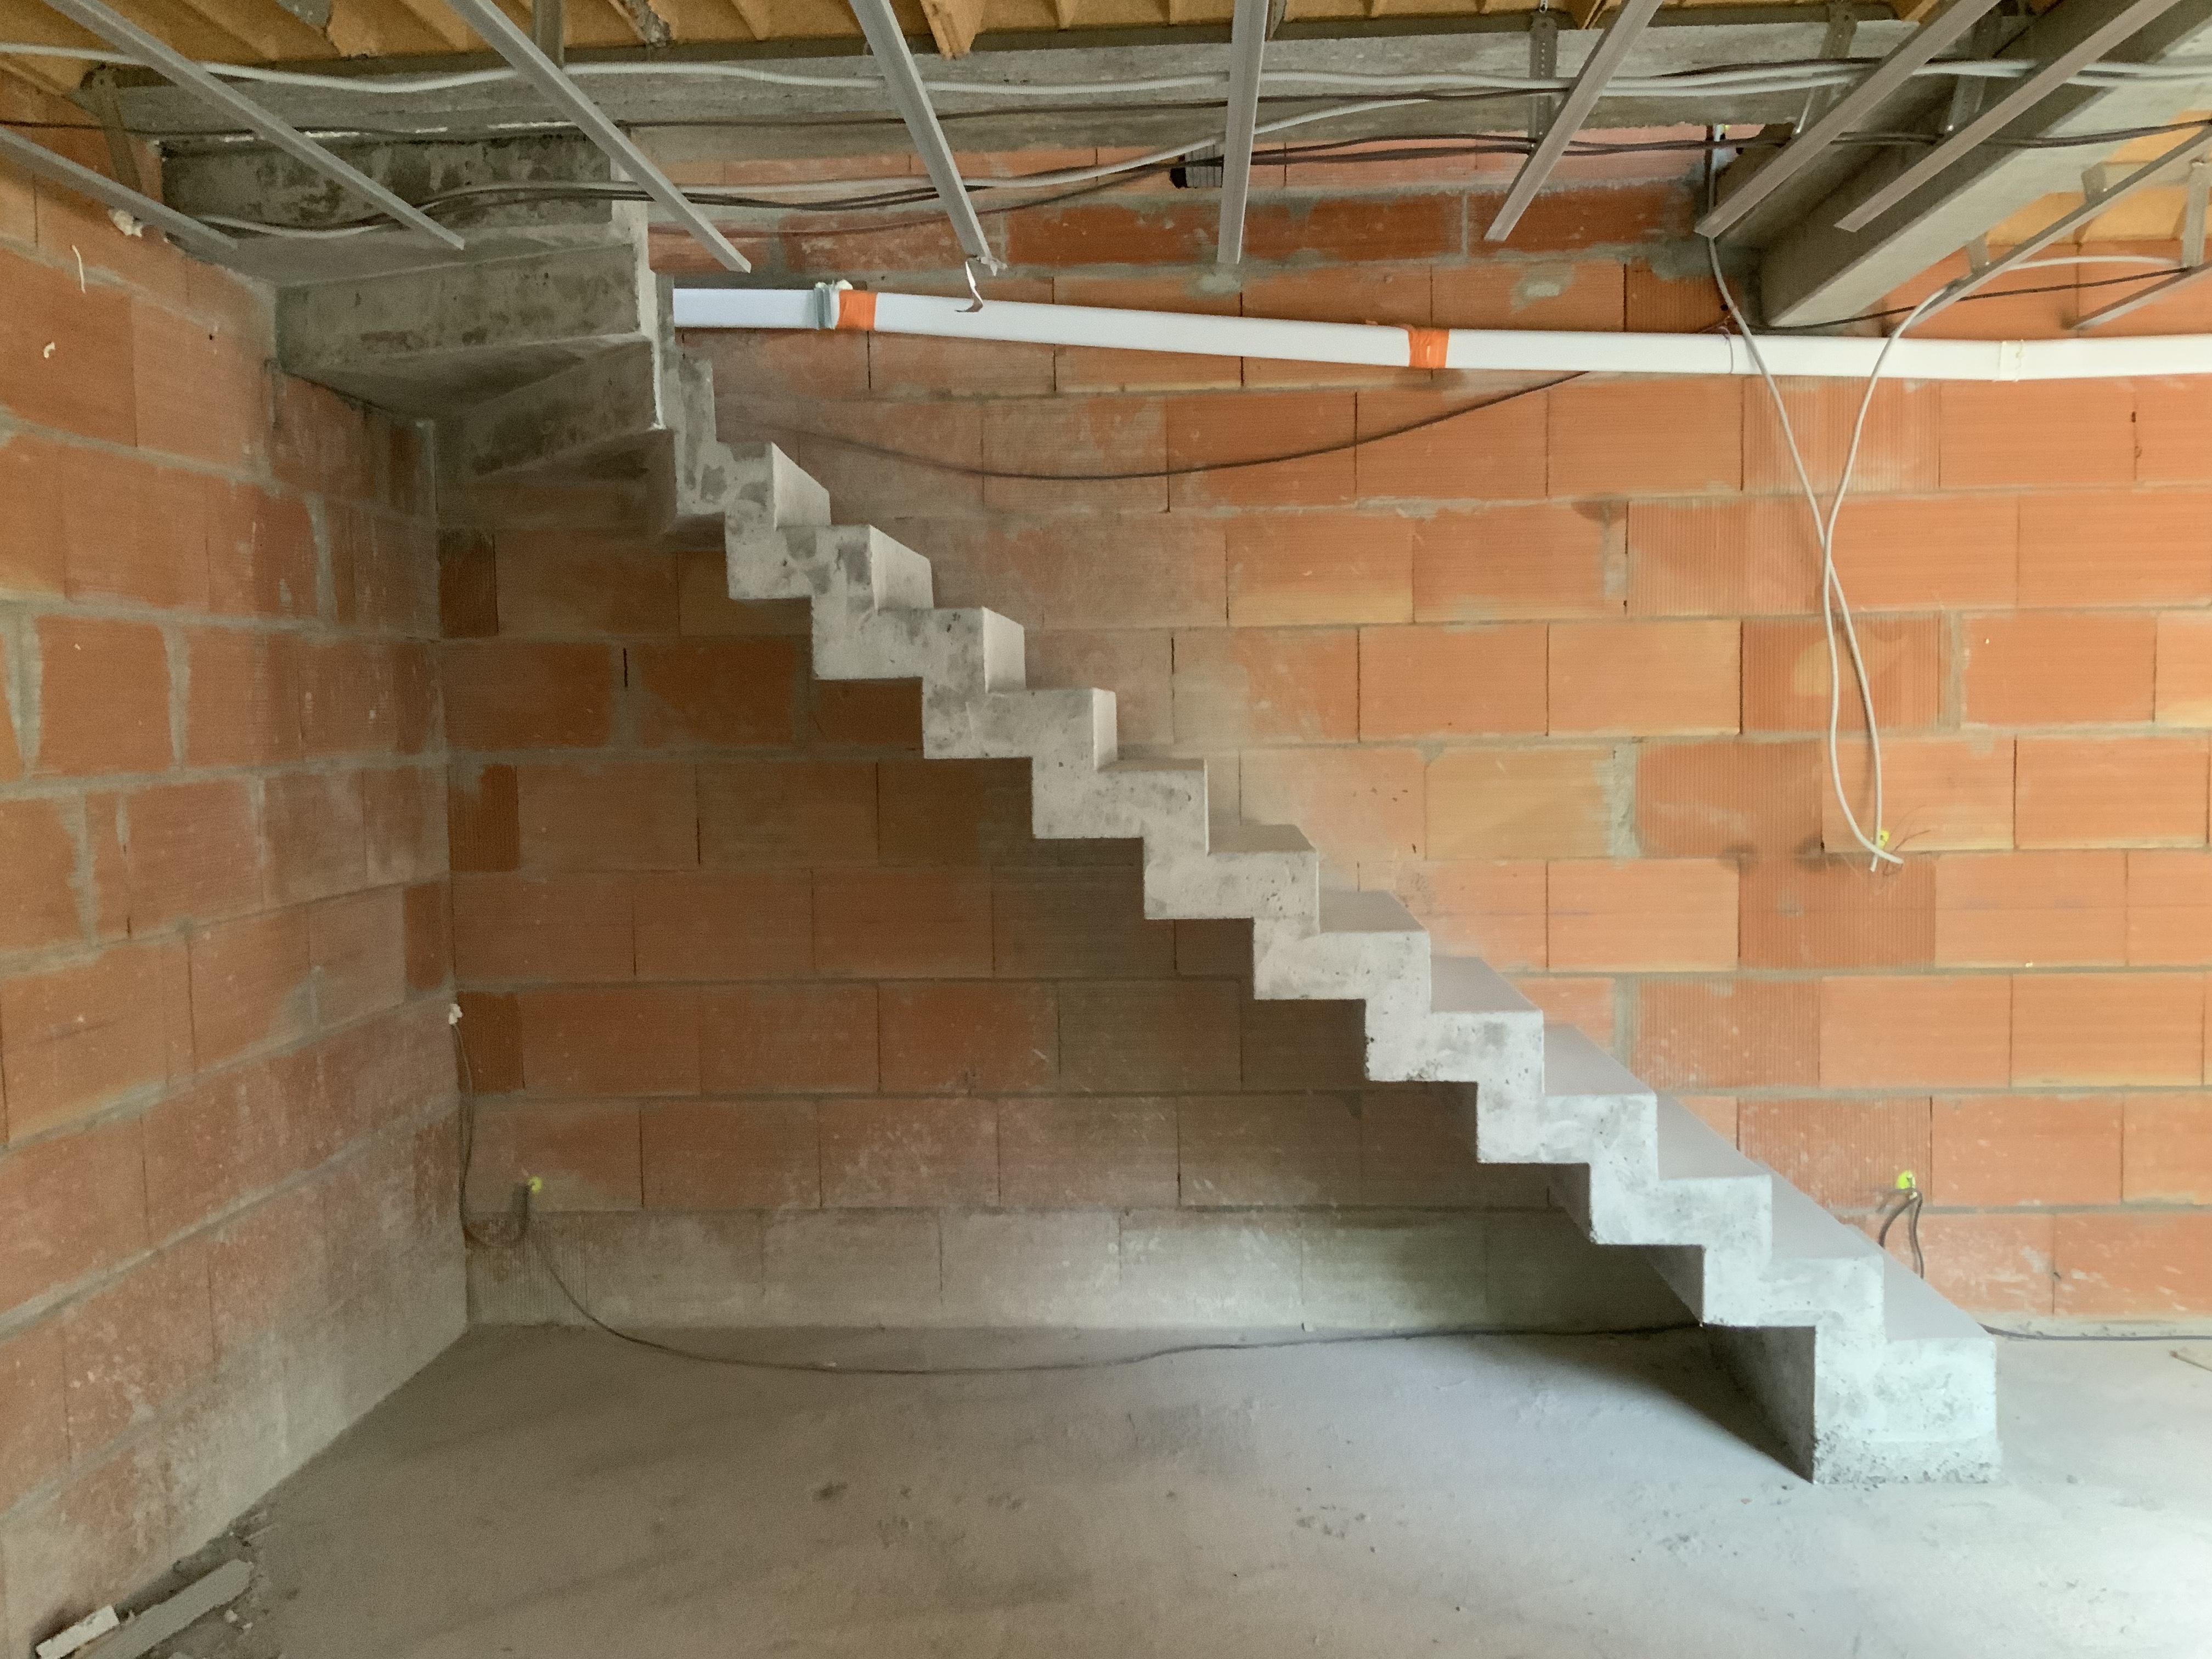 Dessin de la crémaillère sur la joue de l'escalier béton ainsi que la sous face du balancé à l'arrivée de l'escalier